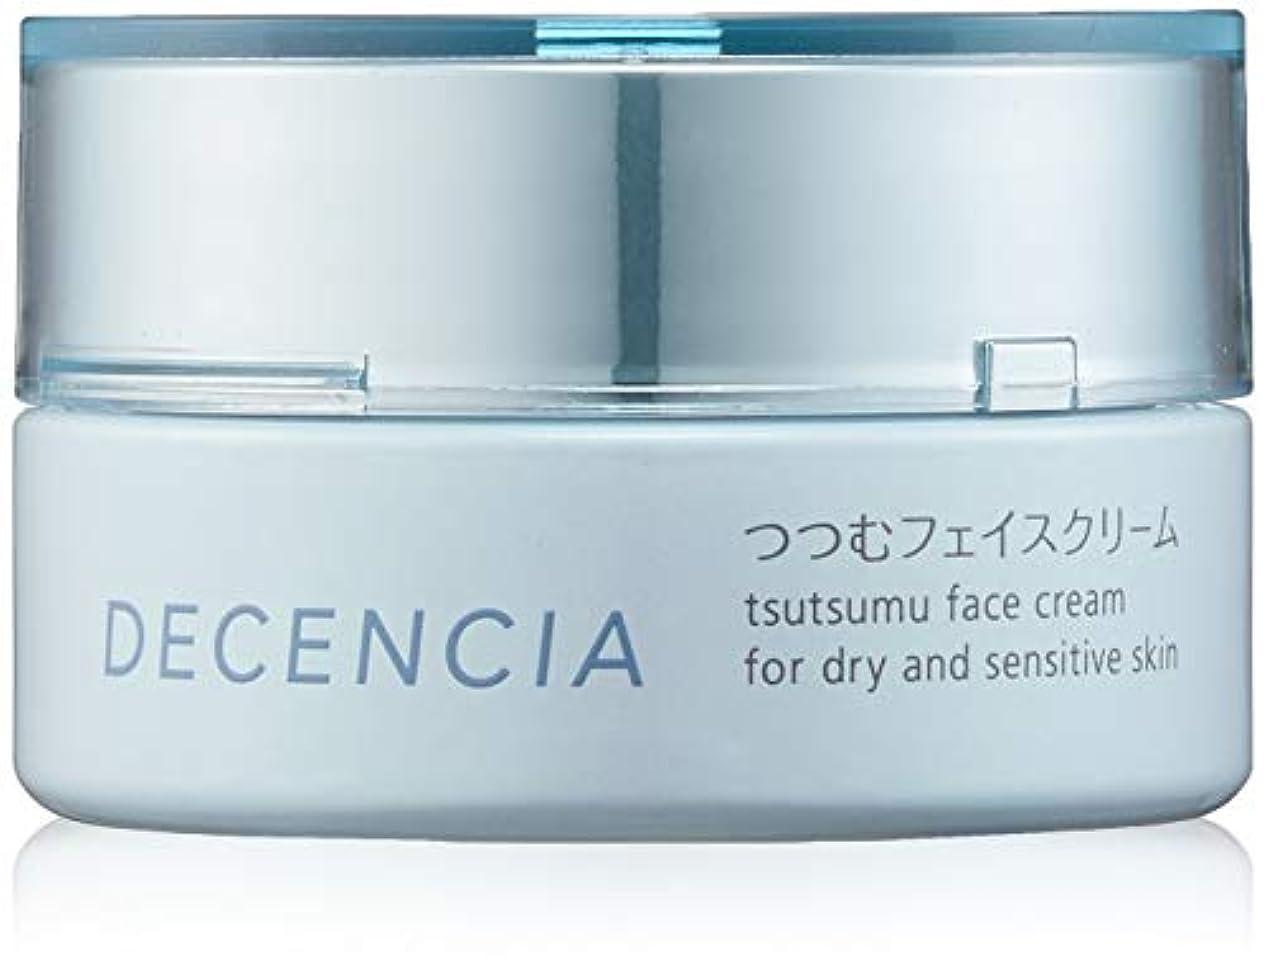 日焼け比喩奇妙なDECENCIA(ディセンシア) 【乾燥?敏感肌用クリーム】つつむ フェイスクリーム 30g